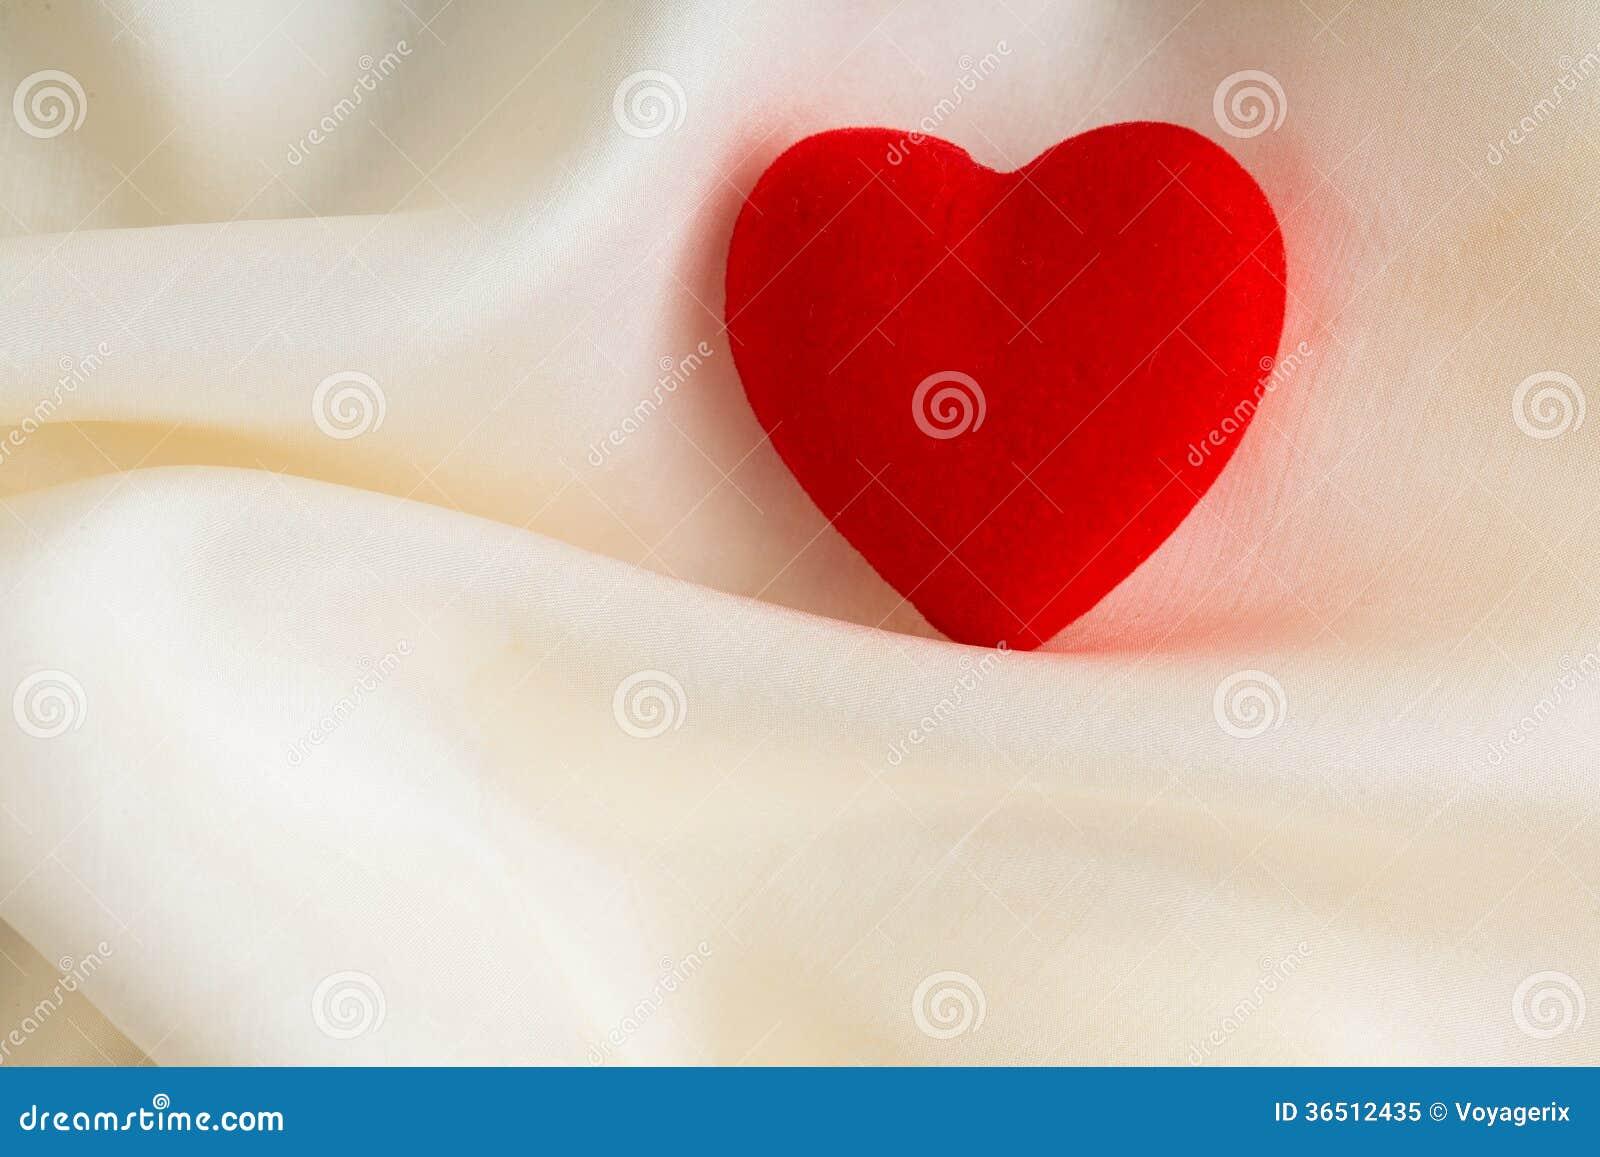 Coeur décoratif en bois rouge sur le fond en soie blanc.